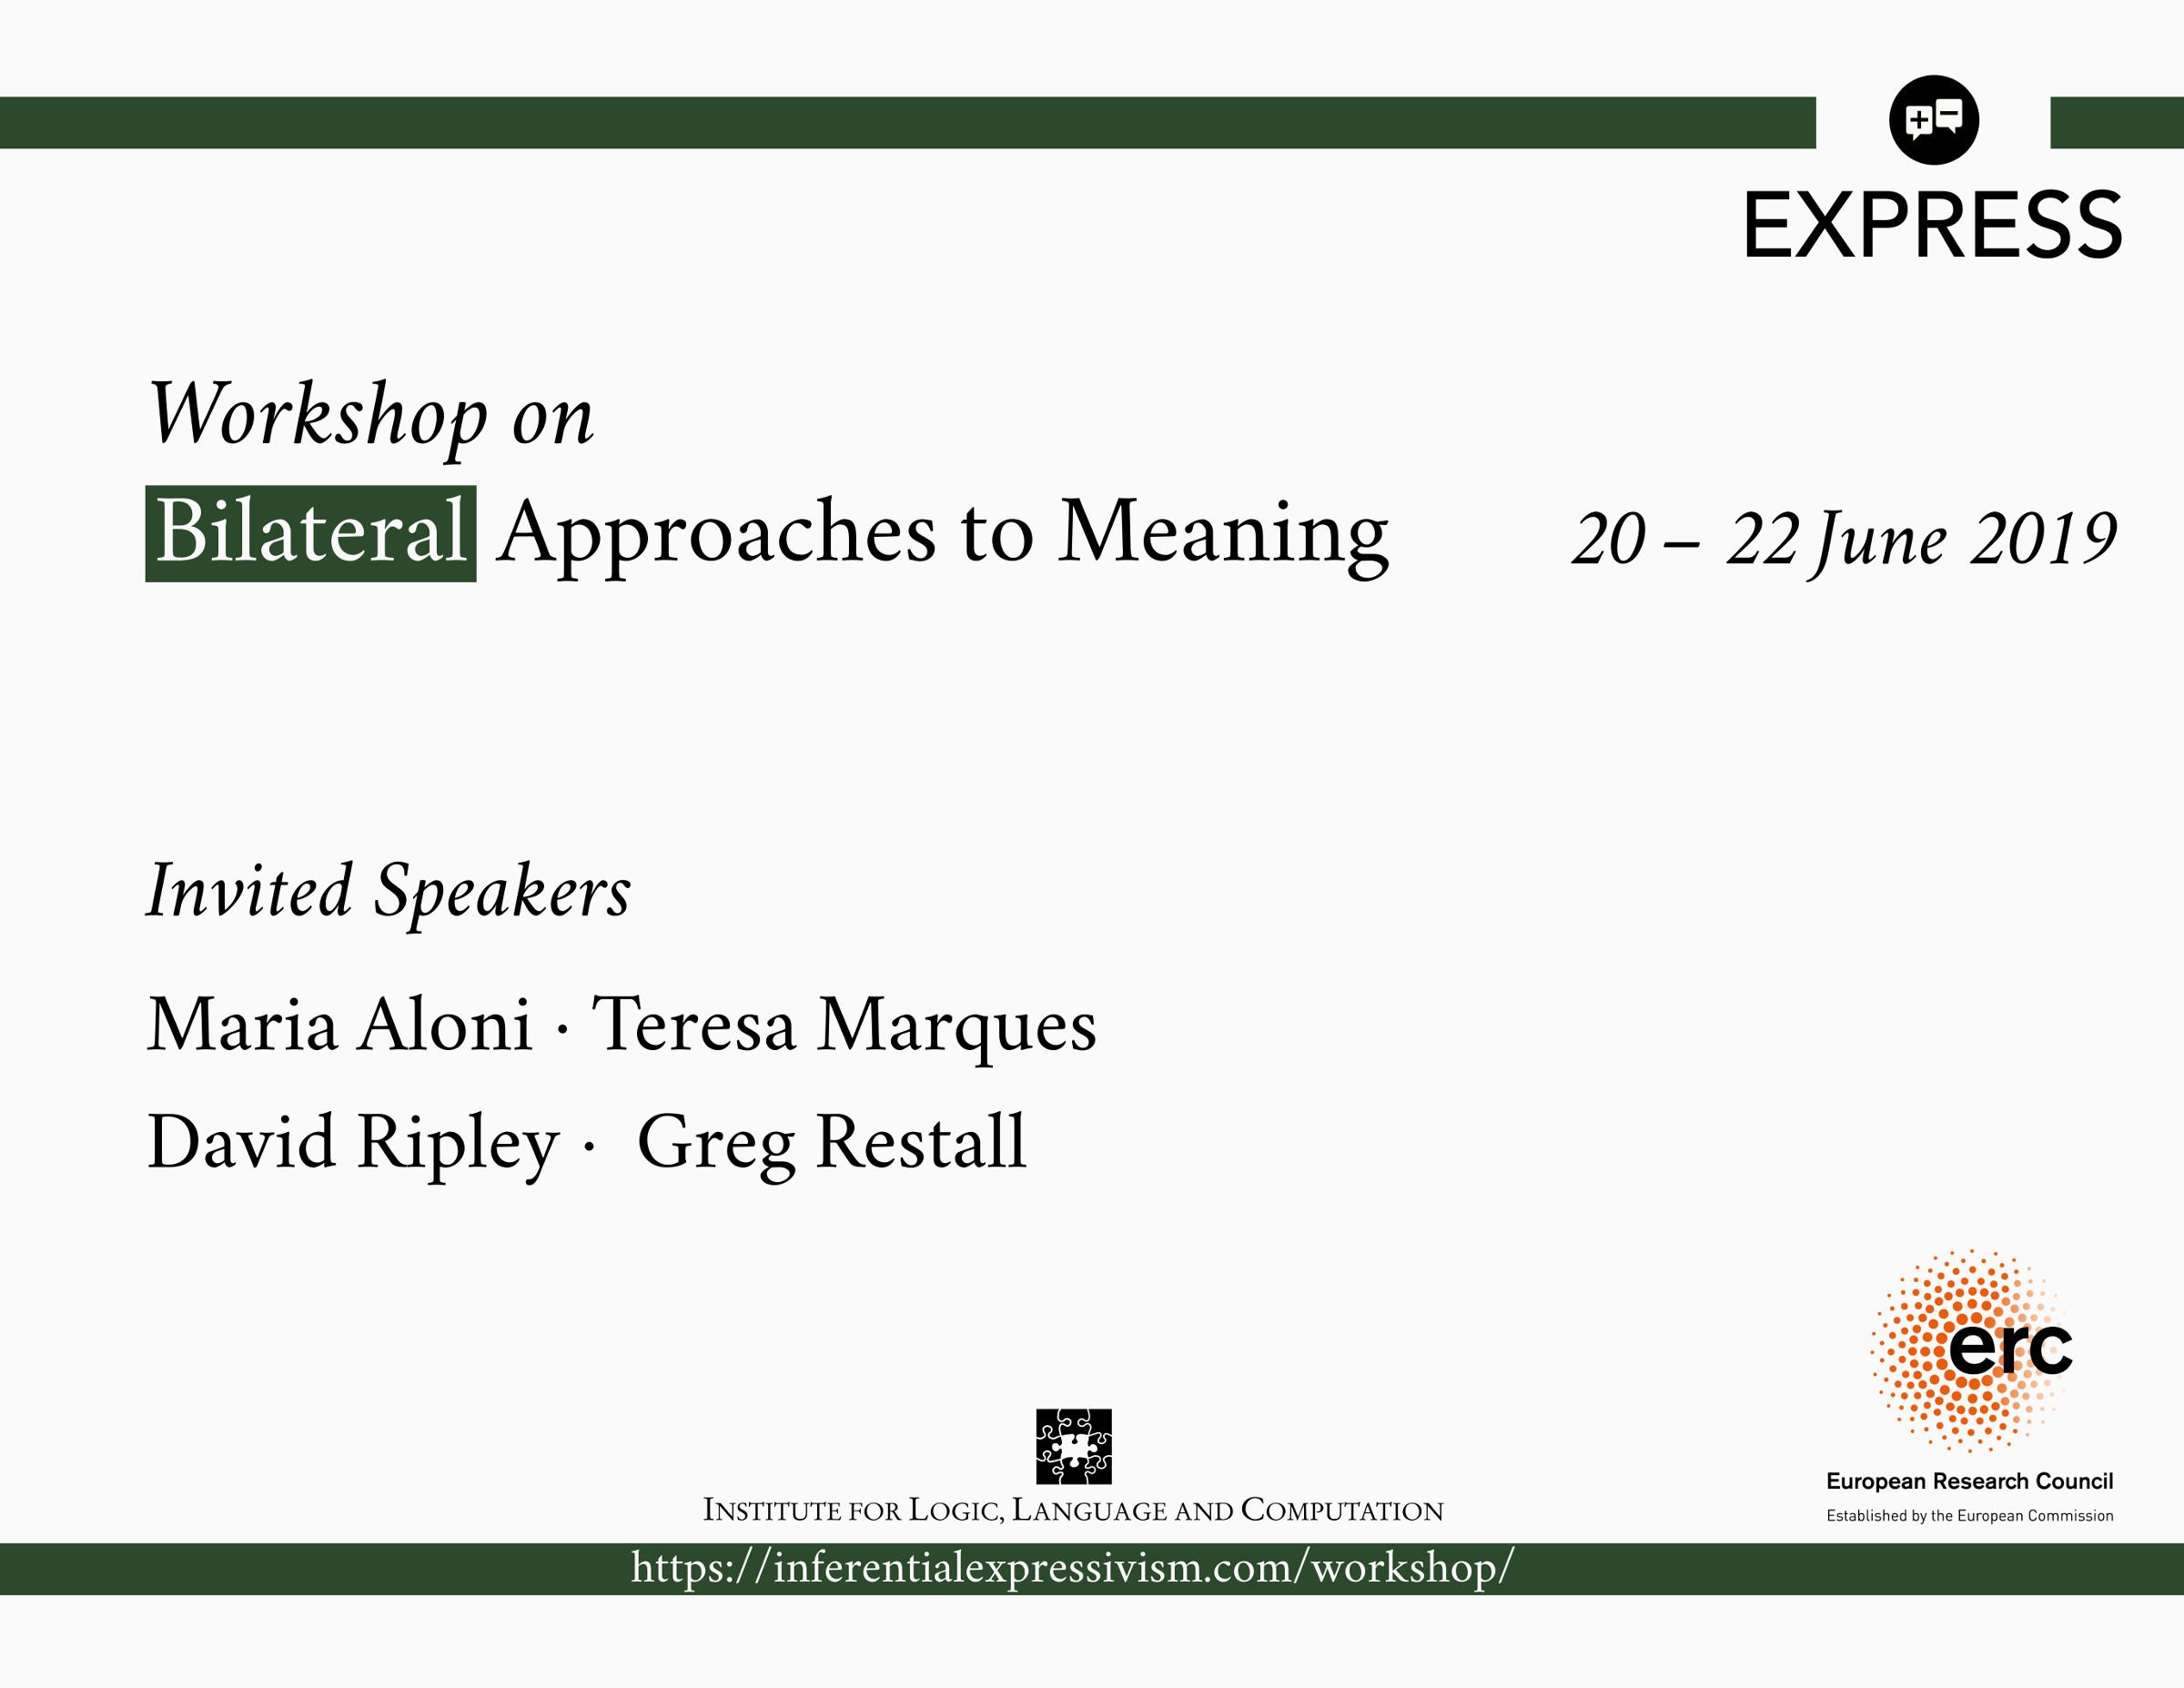 poster_EXPRESS_workshop